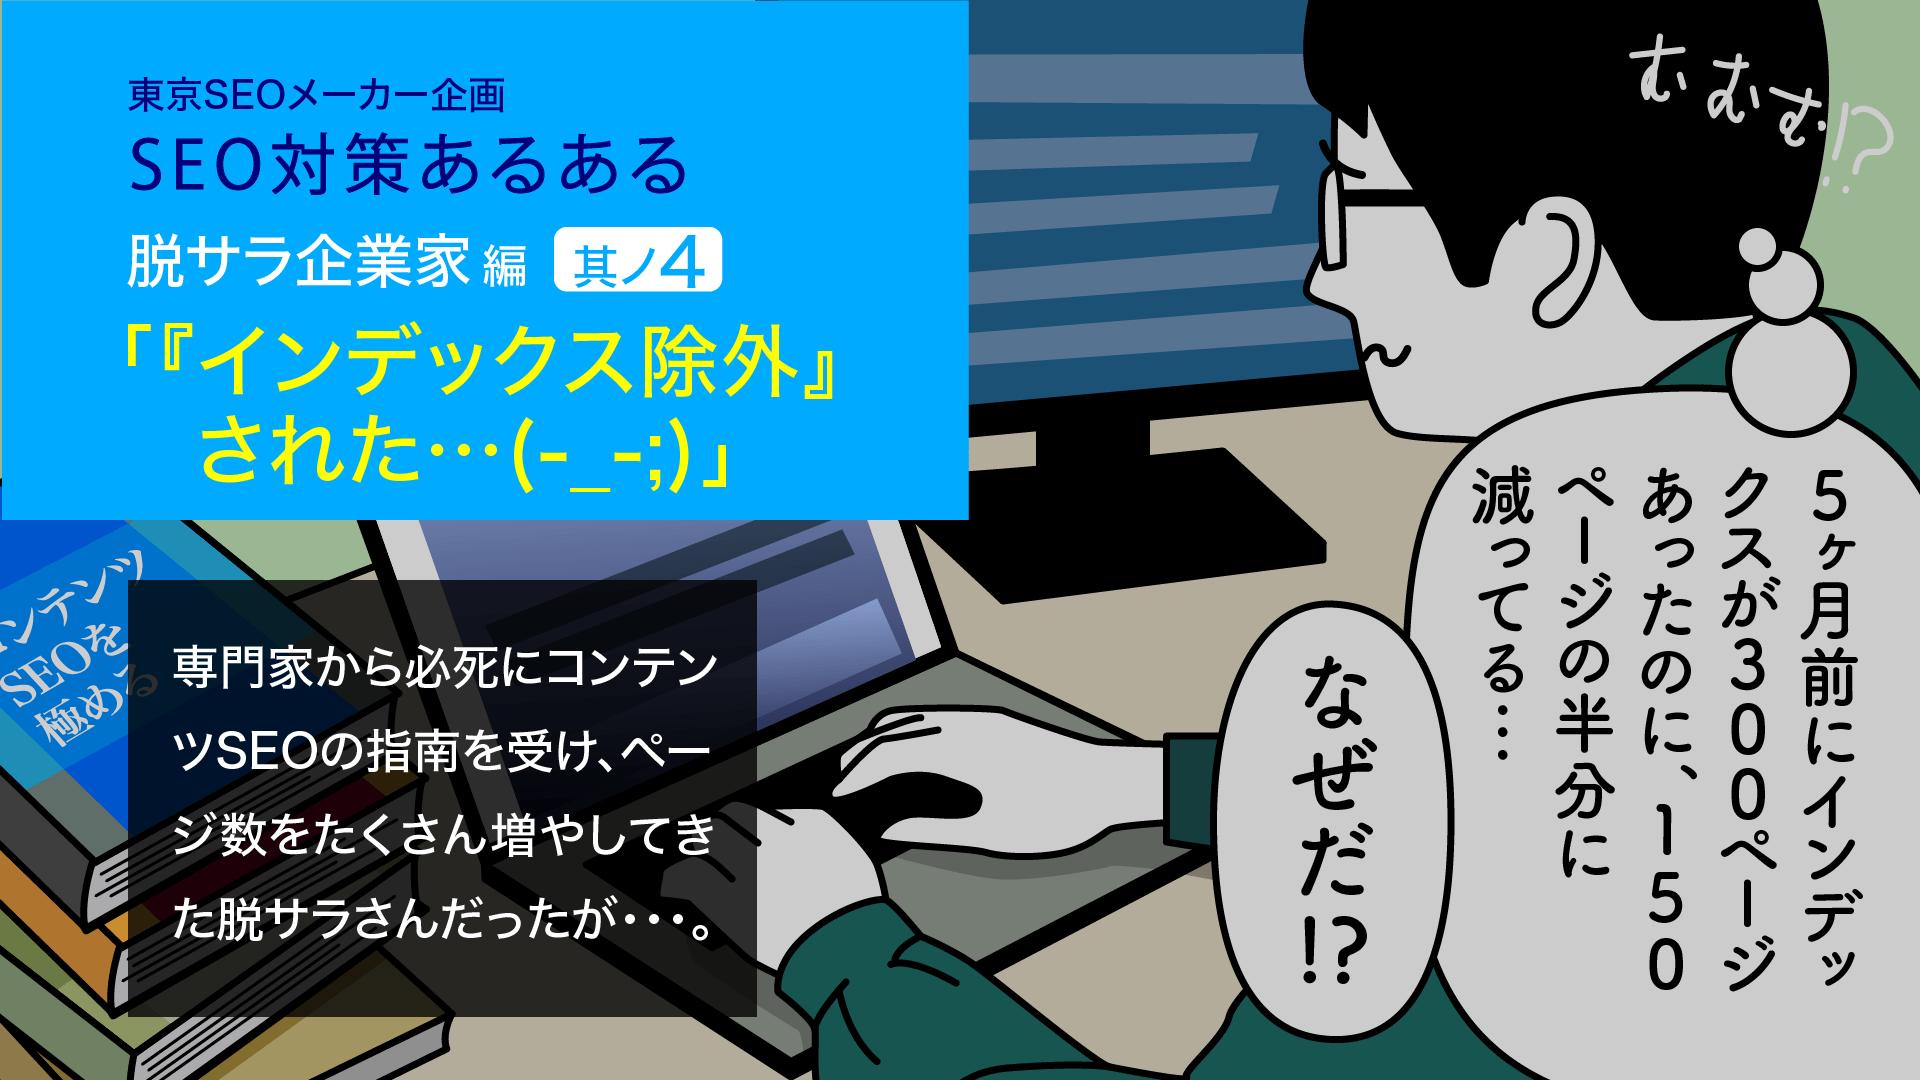 SEO対策あるある漫画‐インデックス除外された①